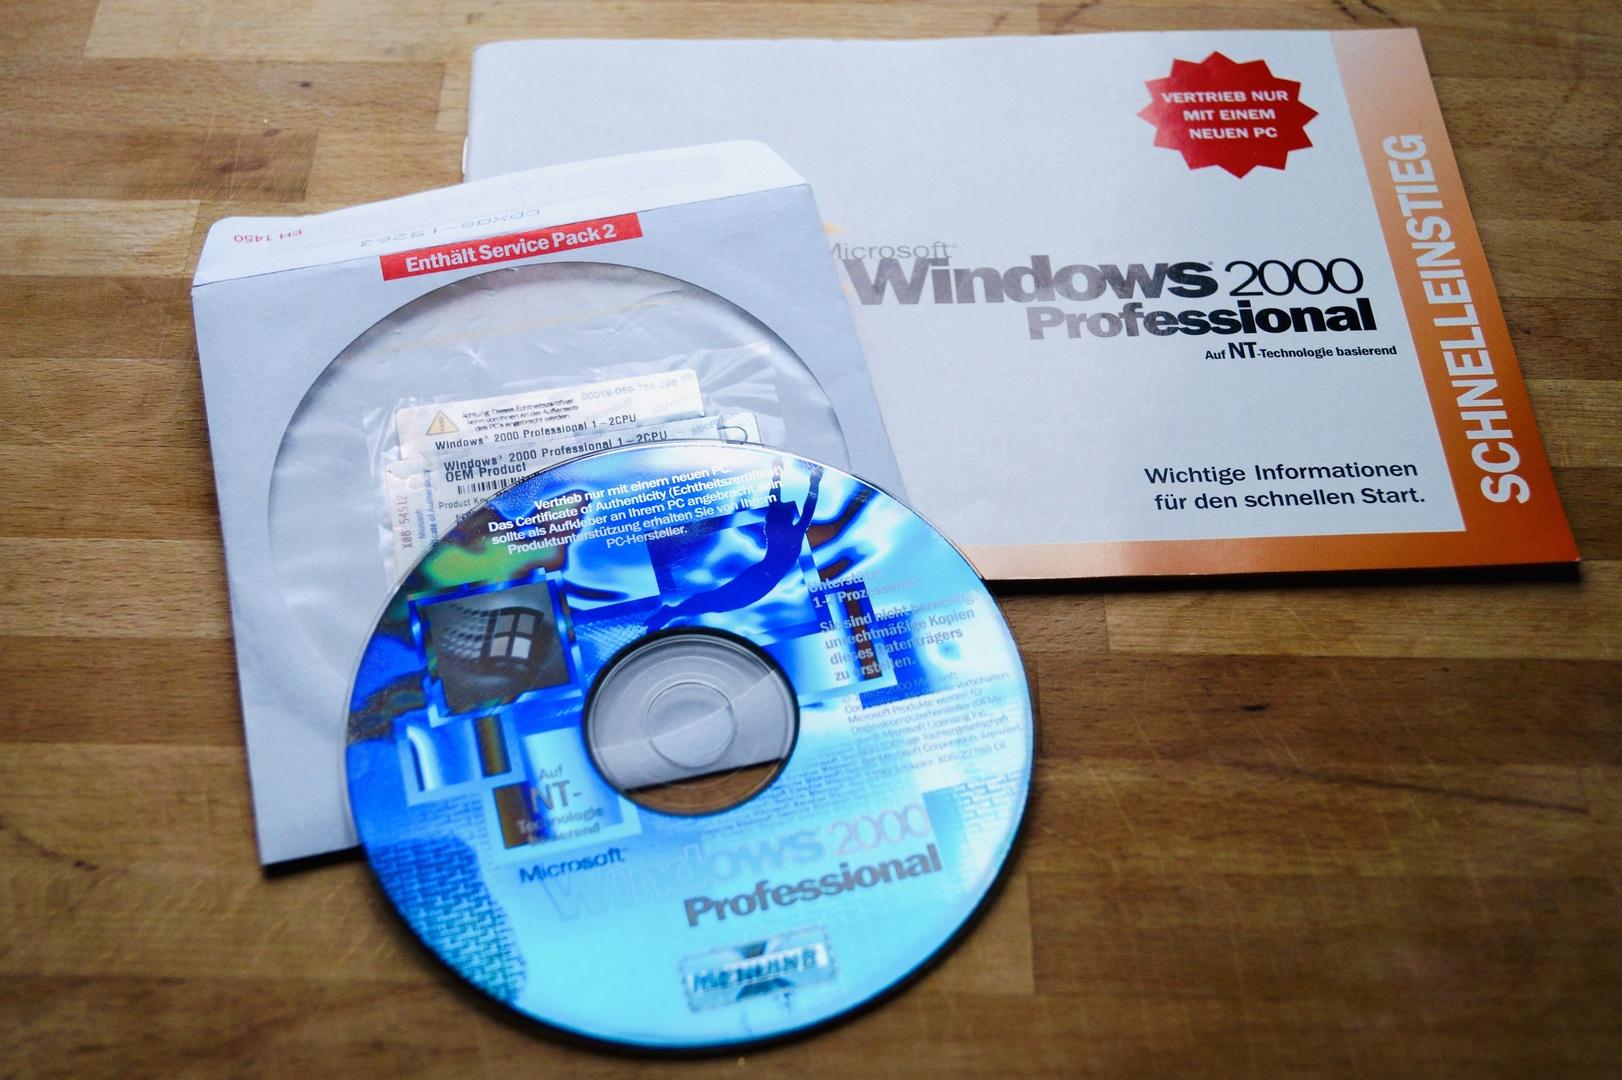 Für Platz 2 gibt es ein Windows 2000 Professional inklusive Key und Original-CD